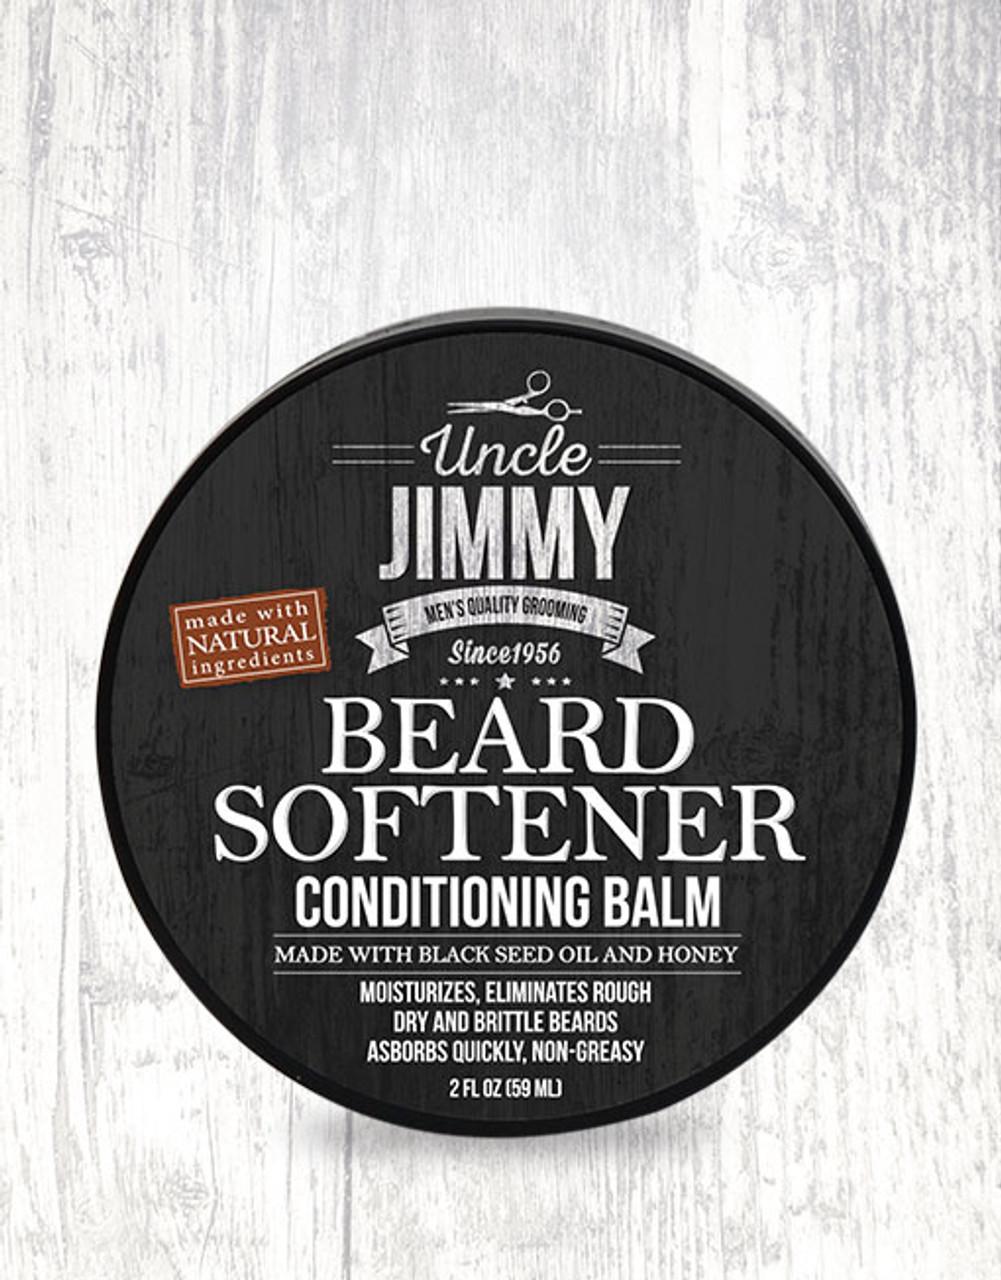 Uncle Jimmy Beard Softener